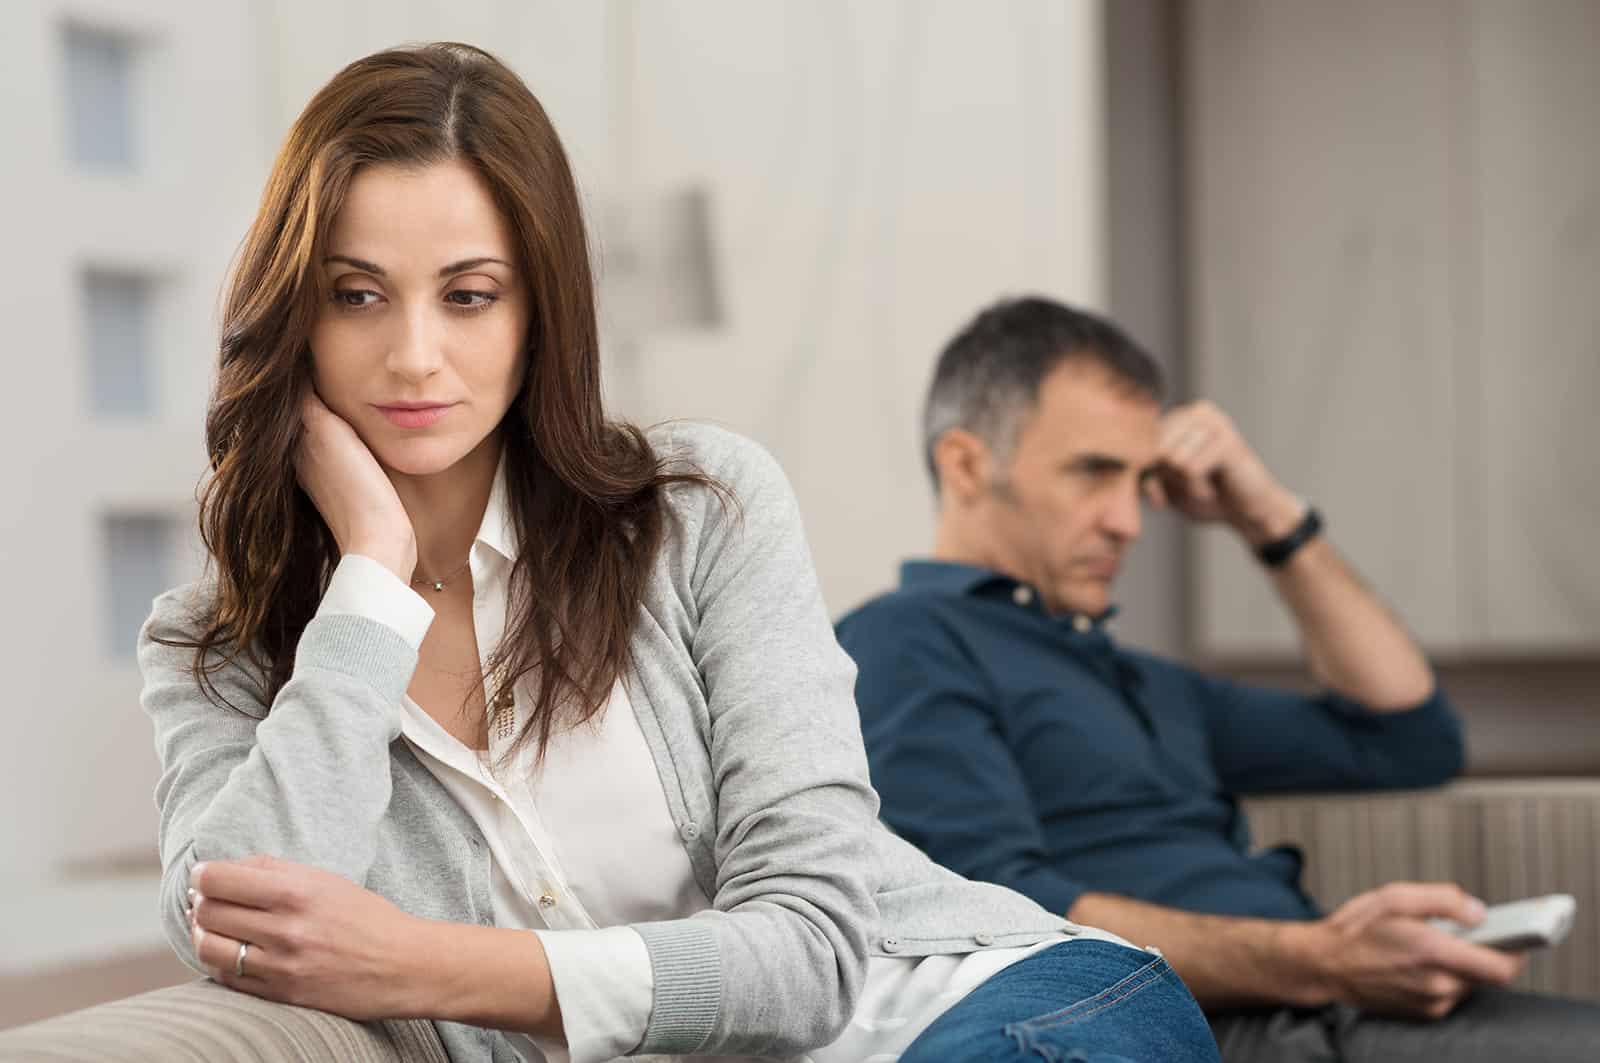 Mein Mann Tut Nichts Für Die Beziehung: Es Ist Zeit Für Eine Veränderung!